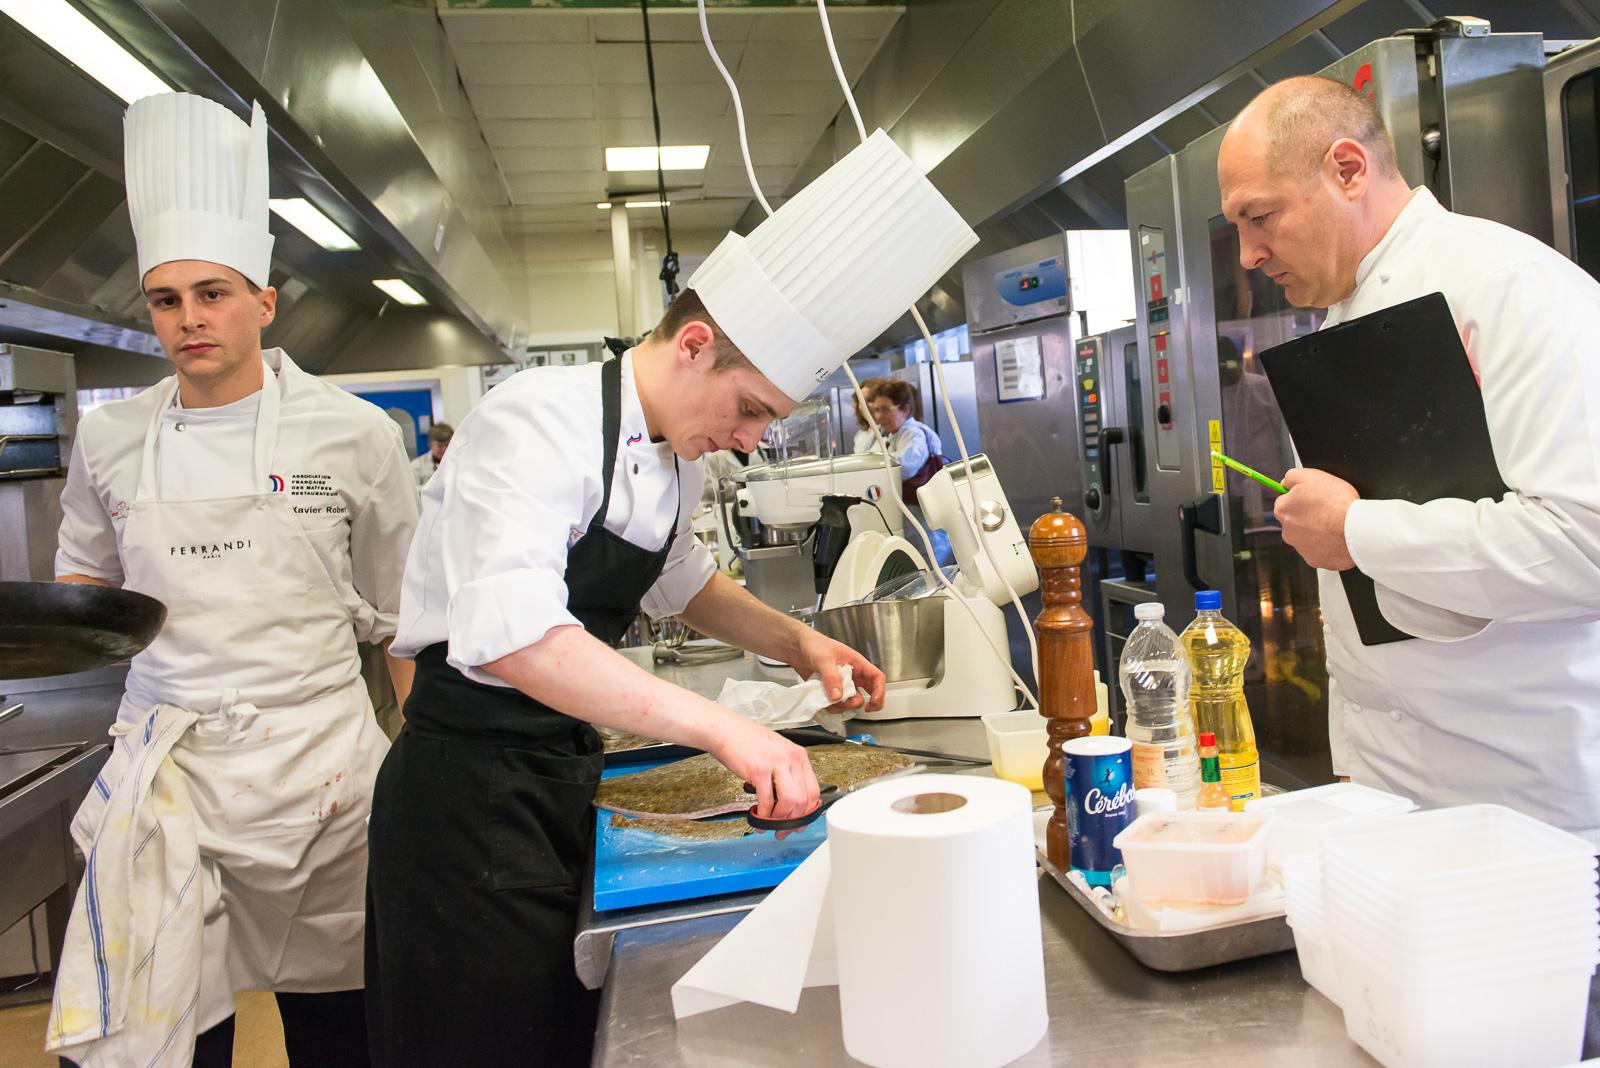 Association fran aise des ma tres restaurateurs finale - Ecole de cuisine ferrandi paris restaurant ...